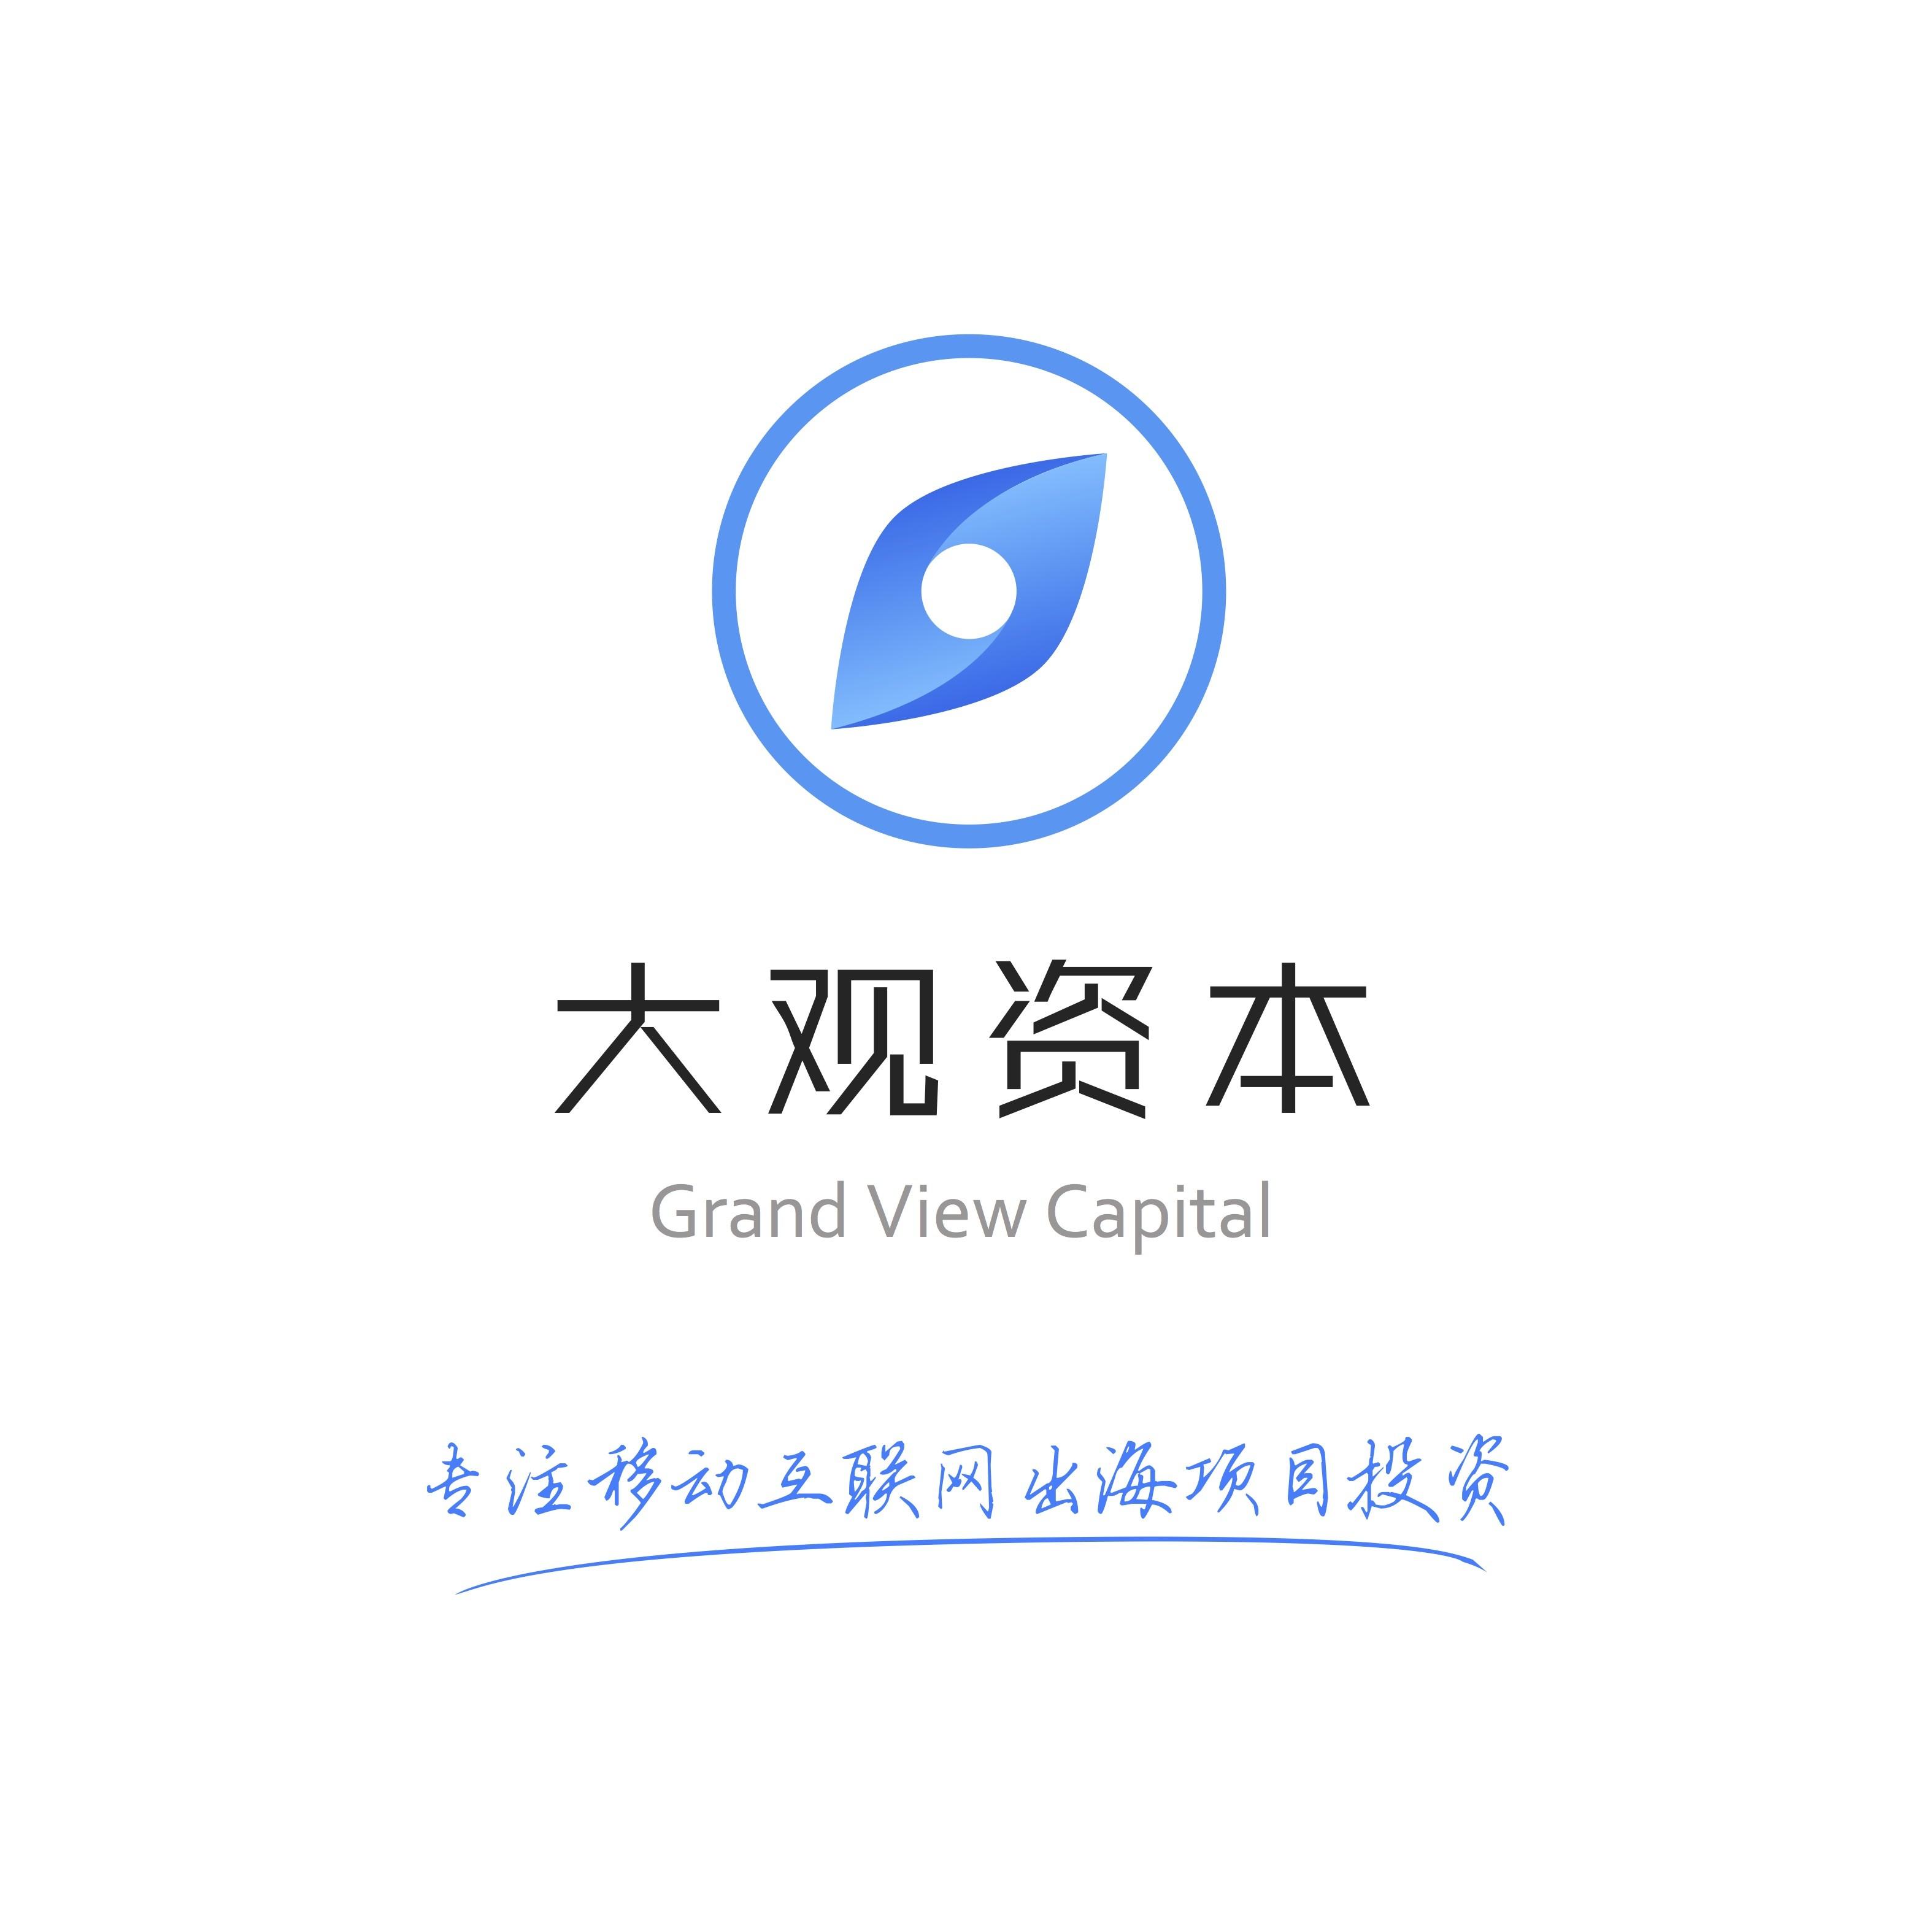 上海遠目投資管理有限公司